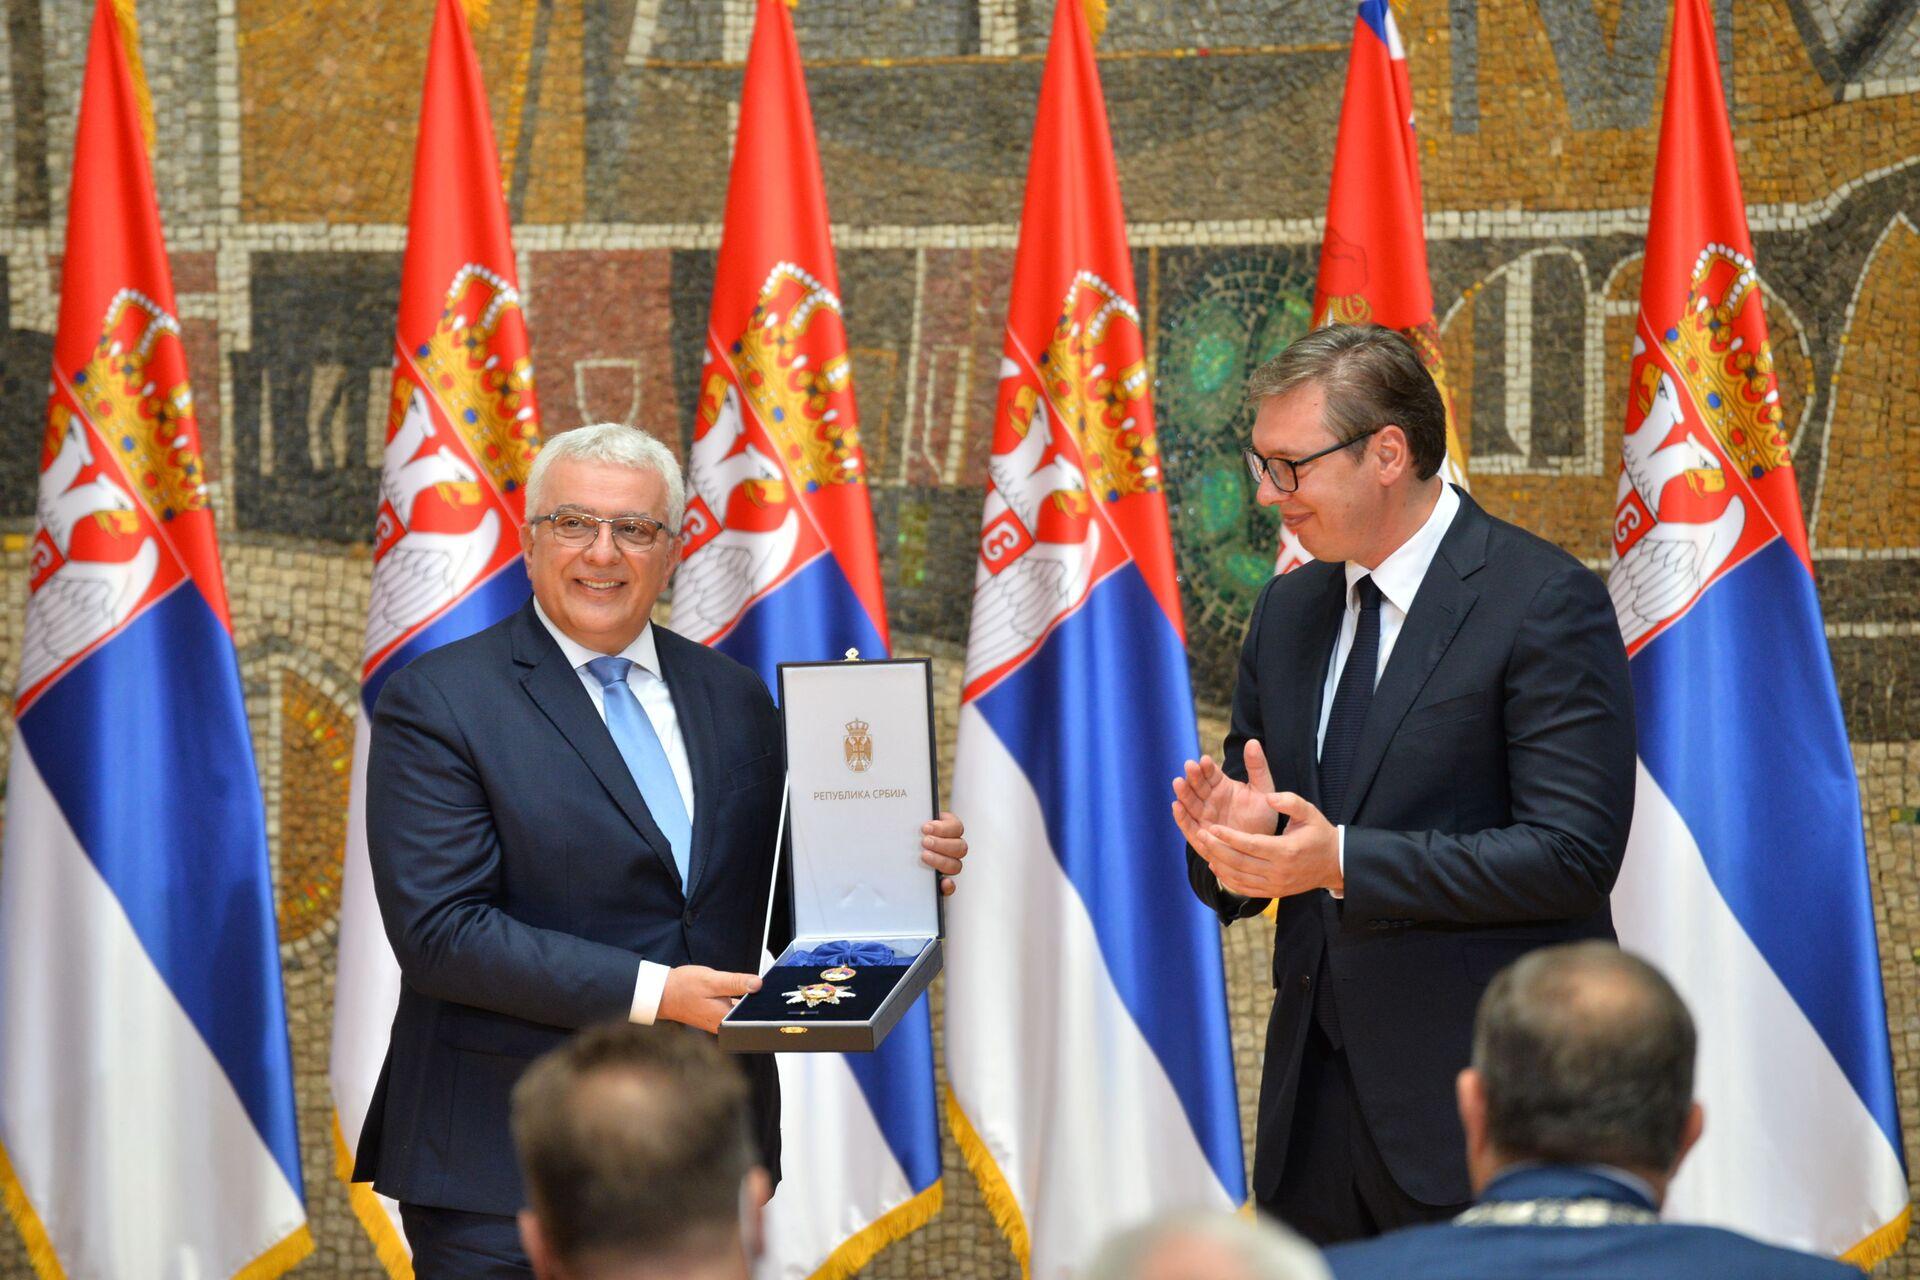 Predsednik Srbije Aleksandar Vučić odlikovao Andriju Mandića - Sputnik Srbija, 1920, 13.07.2021